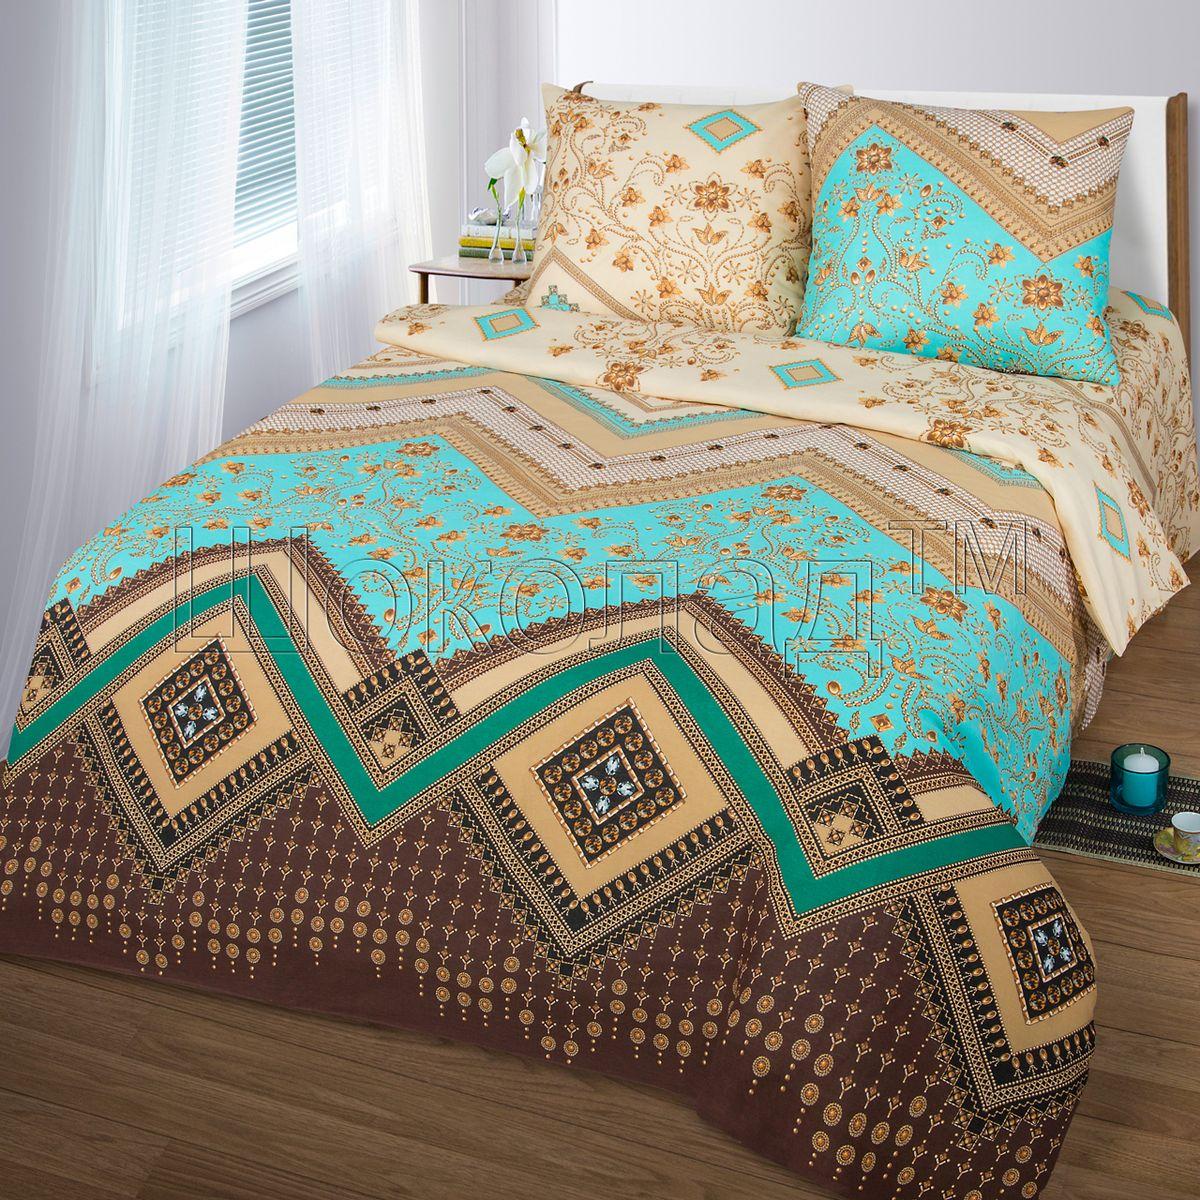 Комплект белья Шоколад Ривьера, 2-спальный с простыней евро, наволочки 70x70. Б109Б109